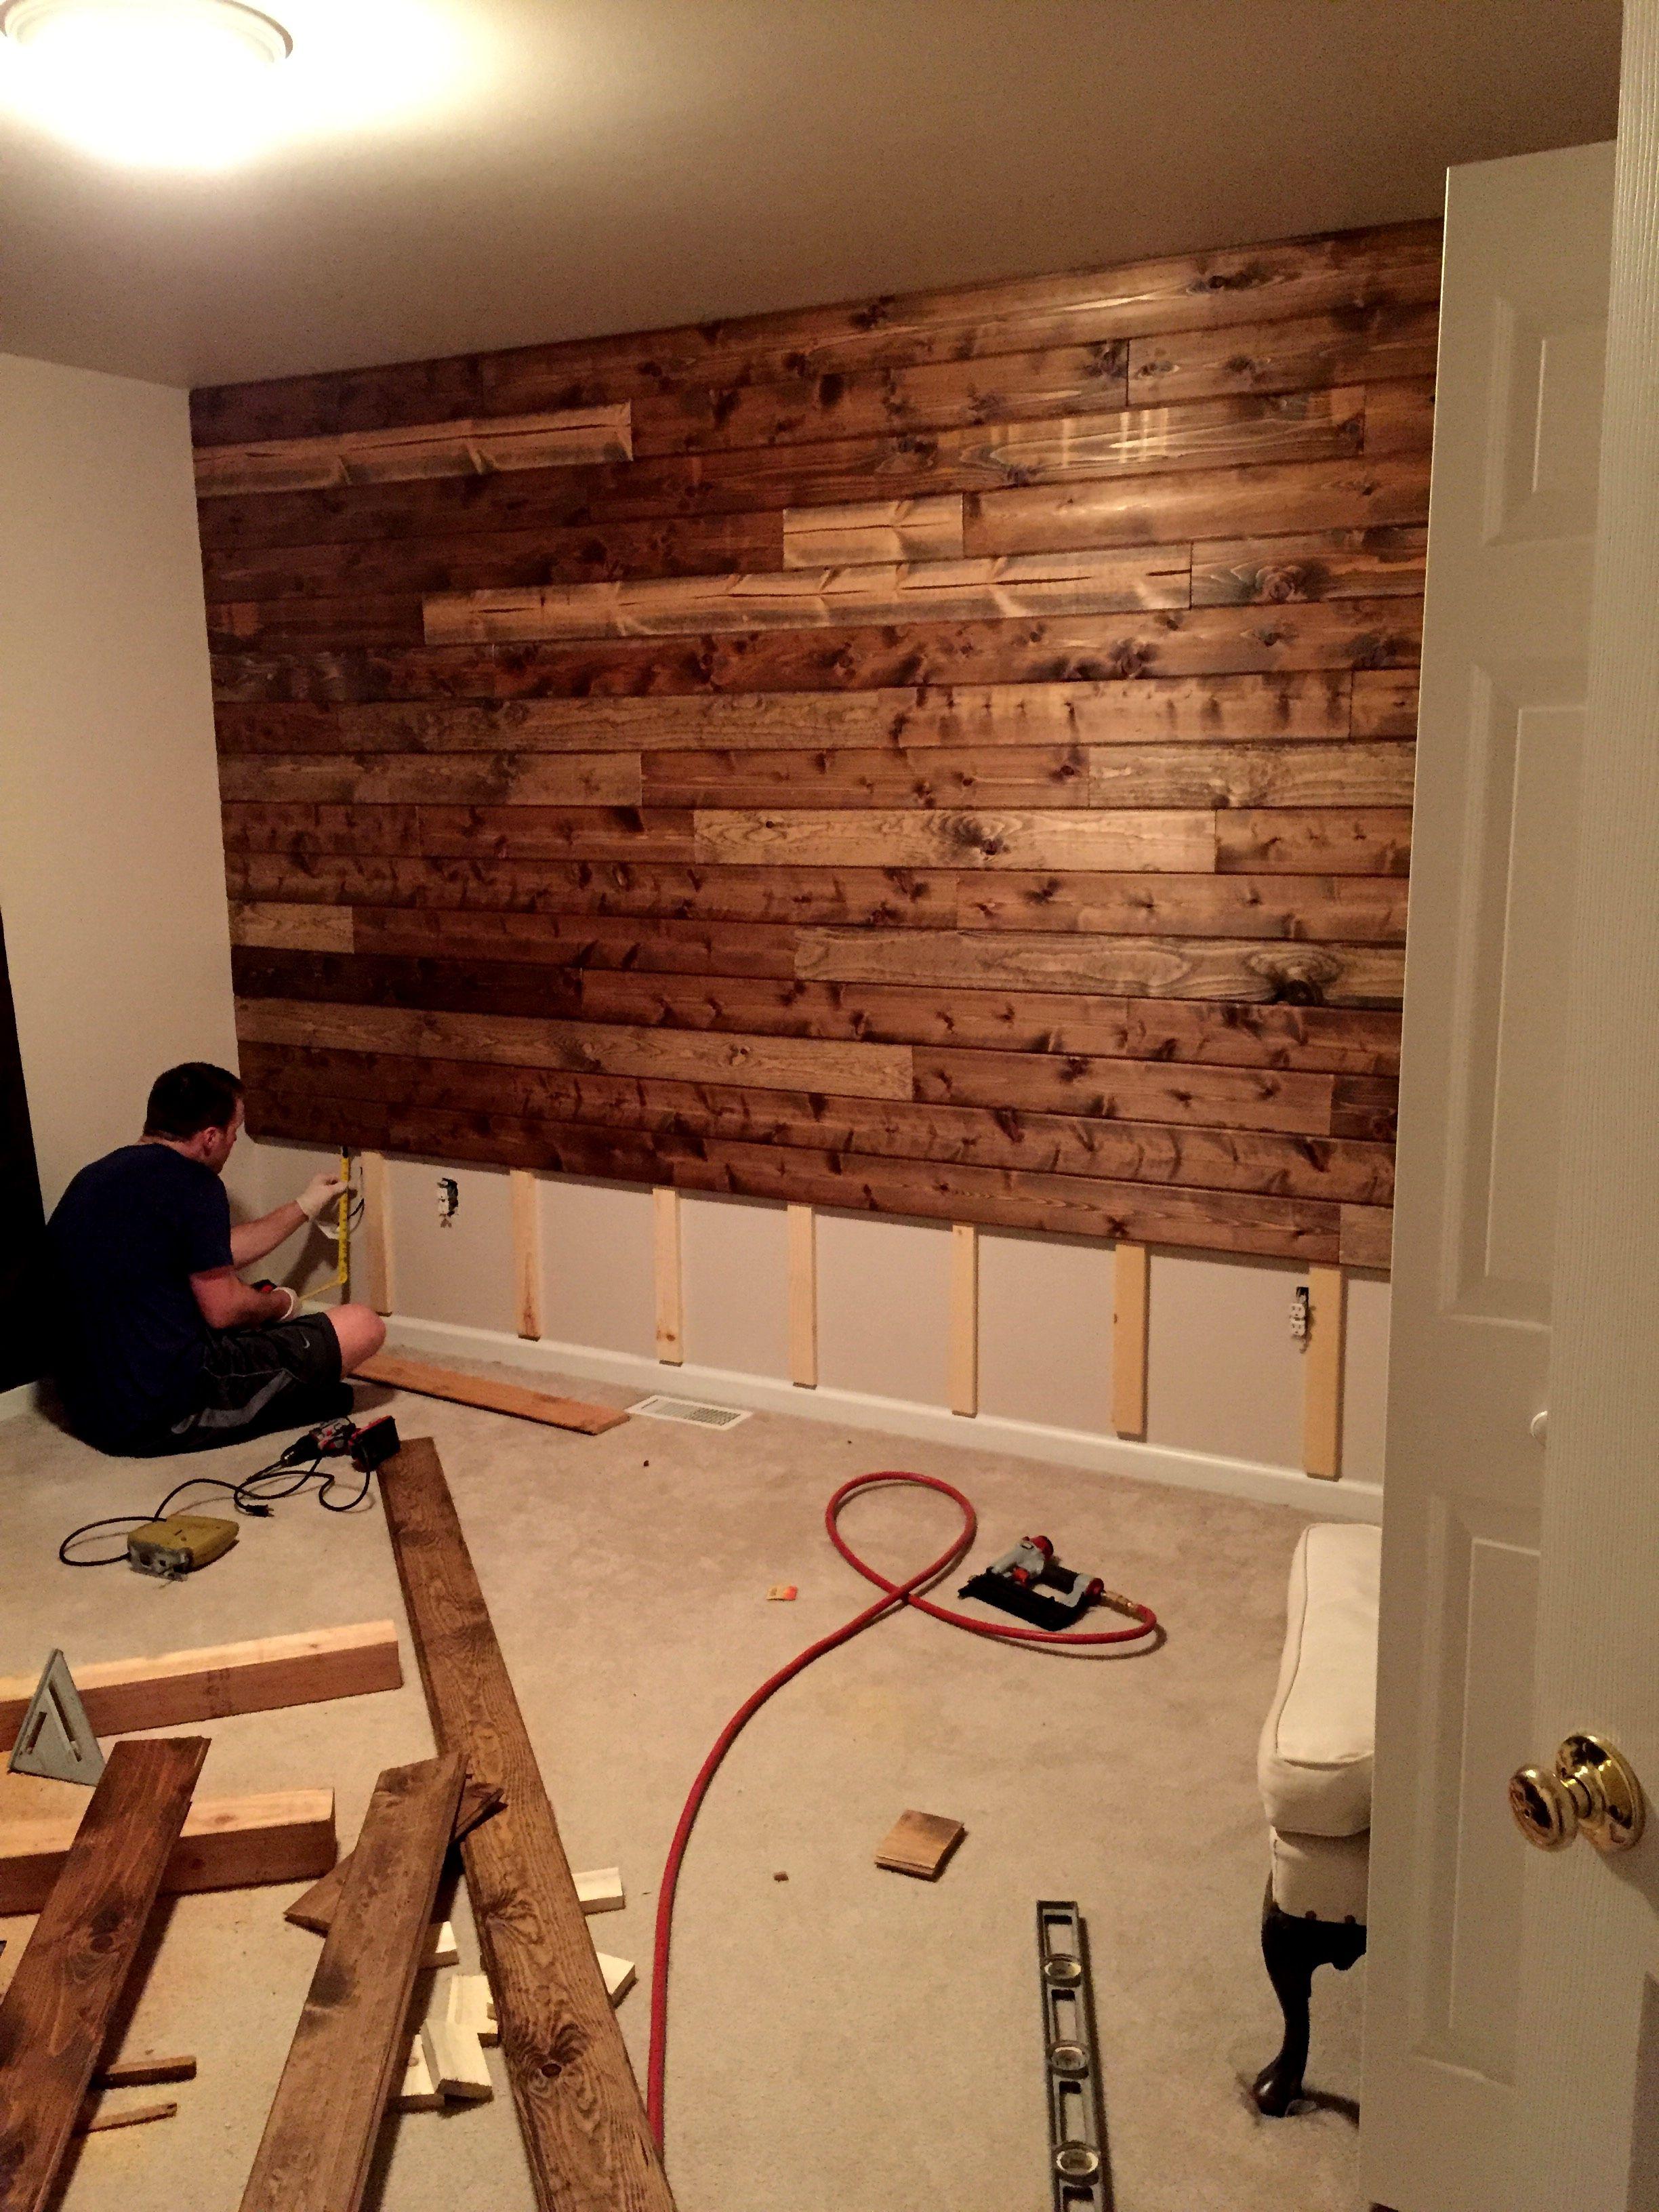 27 Accent Wall Ideas To Transform Your Rooms Diy Casa Decoracao Personalizada Remodelacao Da Casa